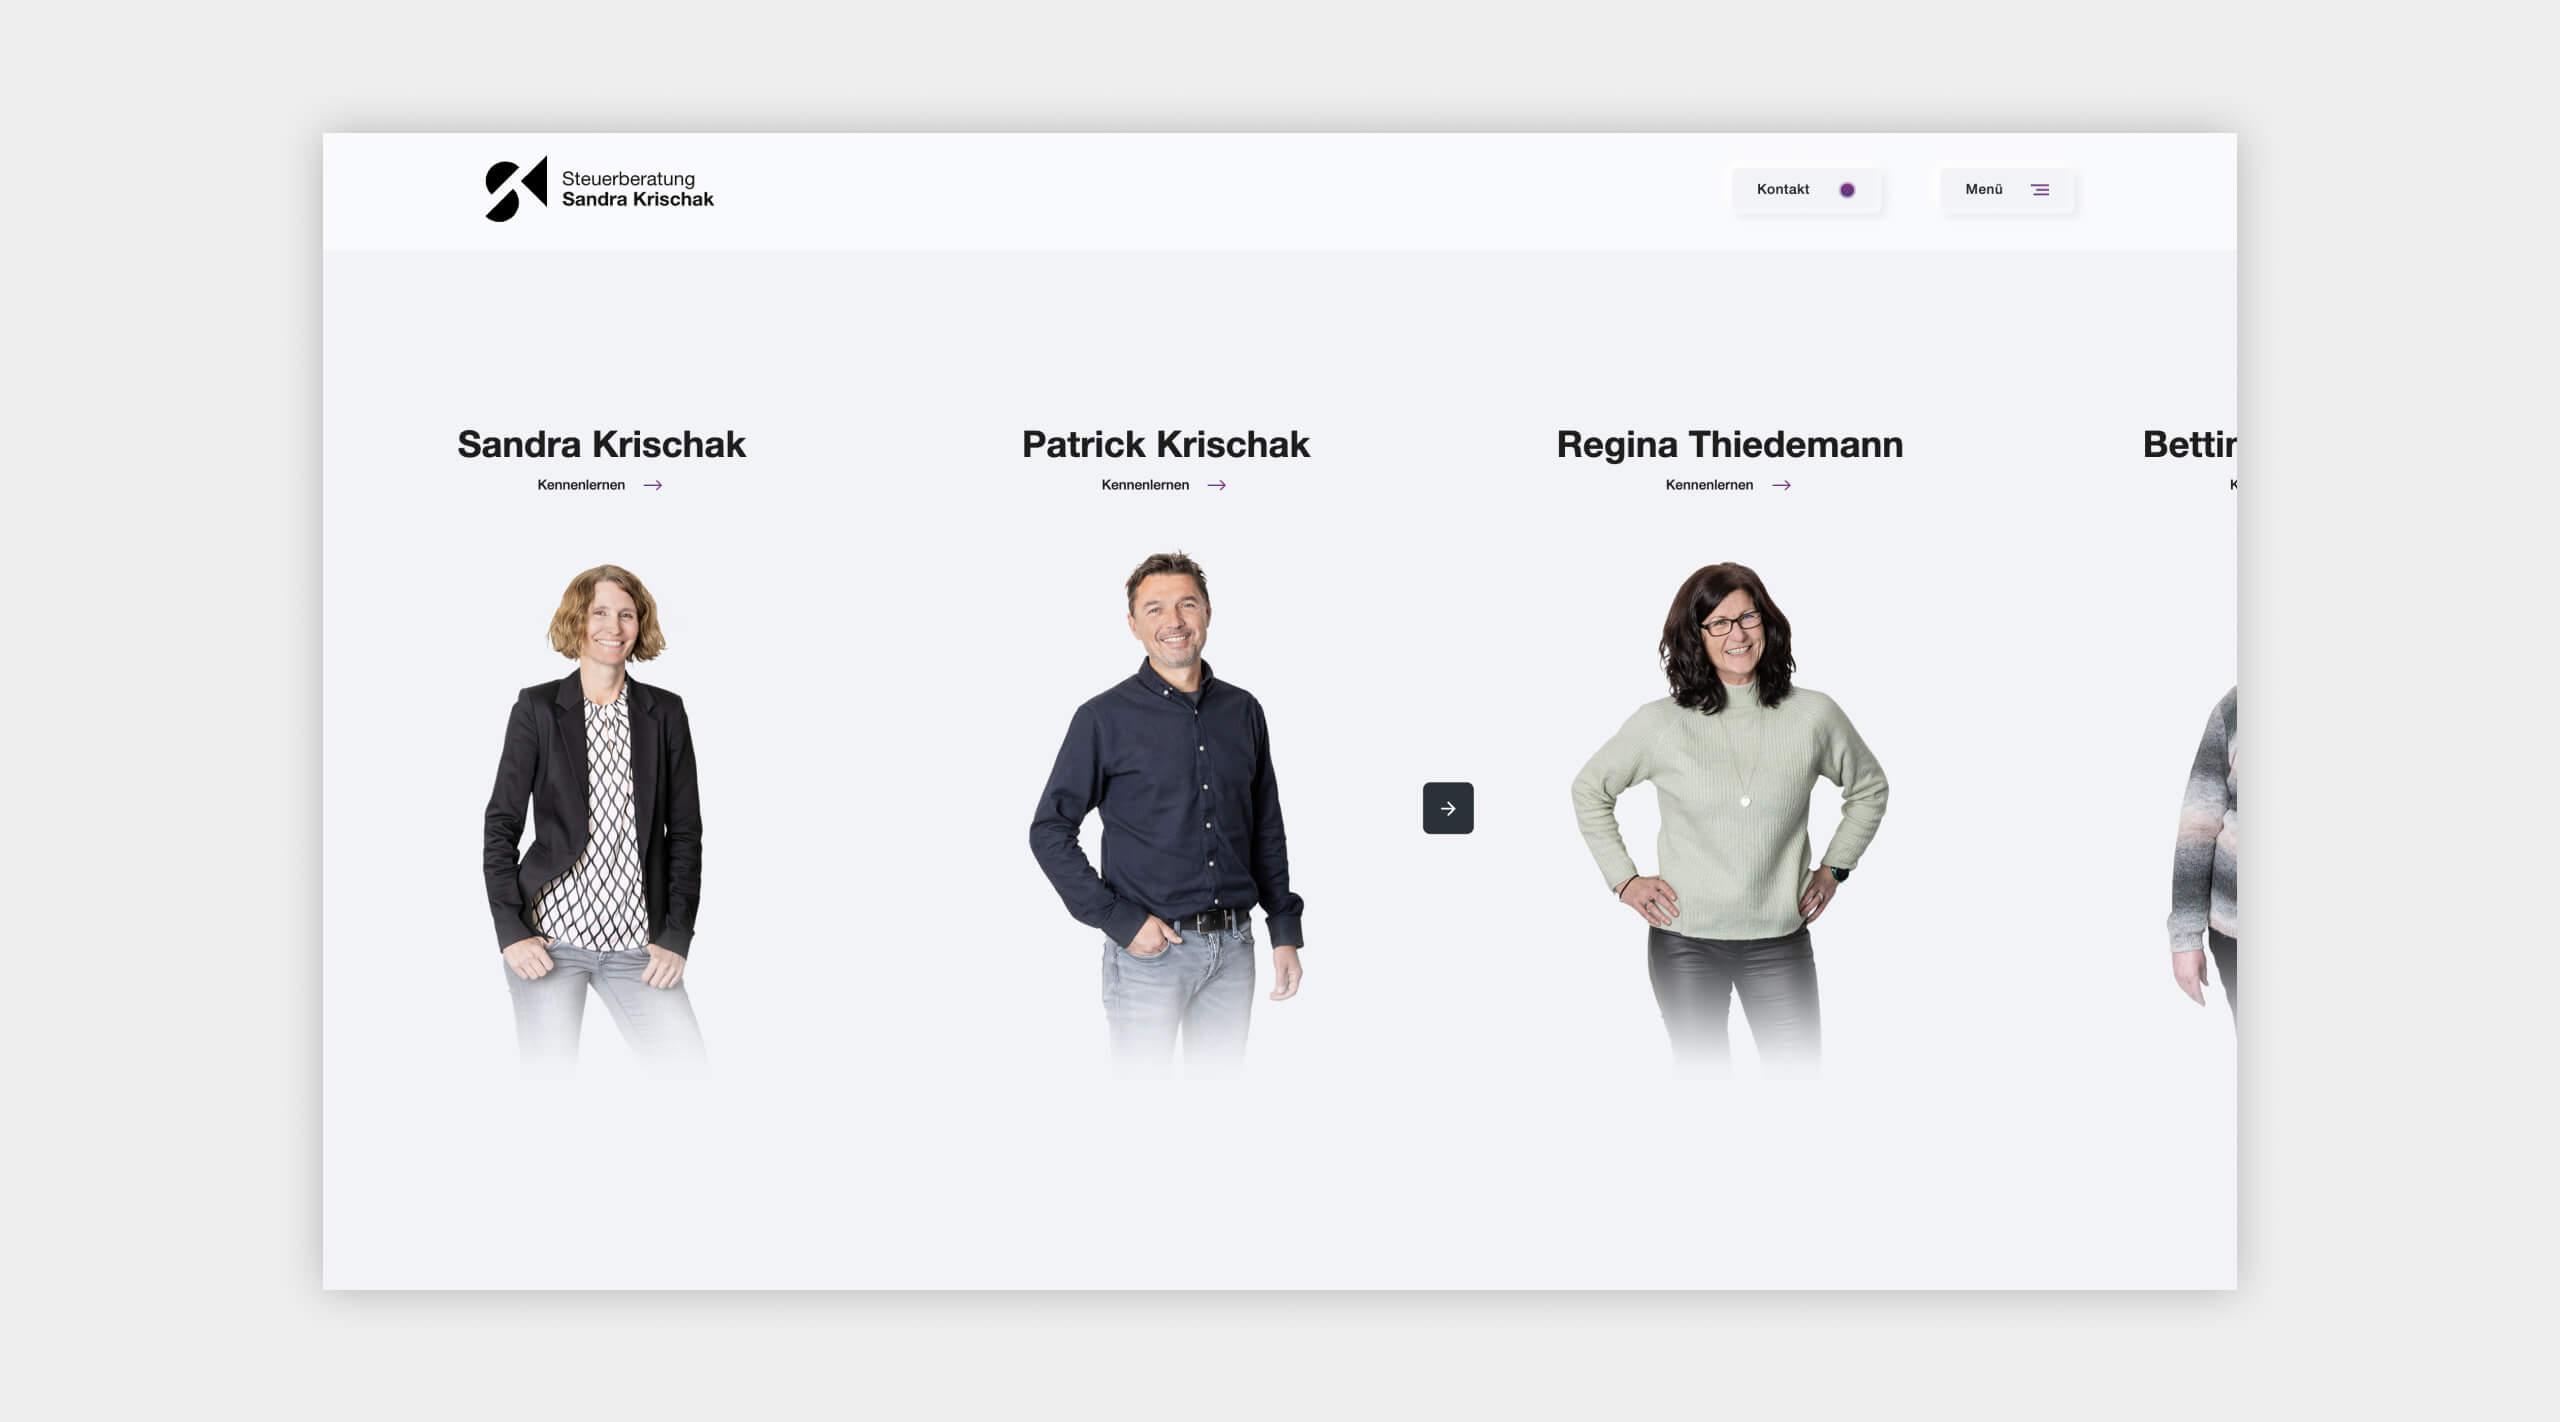 Auszug als Screenshot vom Teambereich auf der Website von Steuerberatung Krischak.